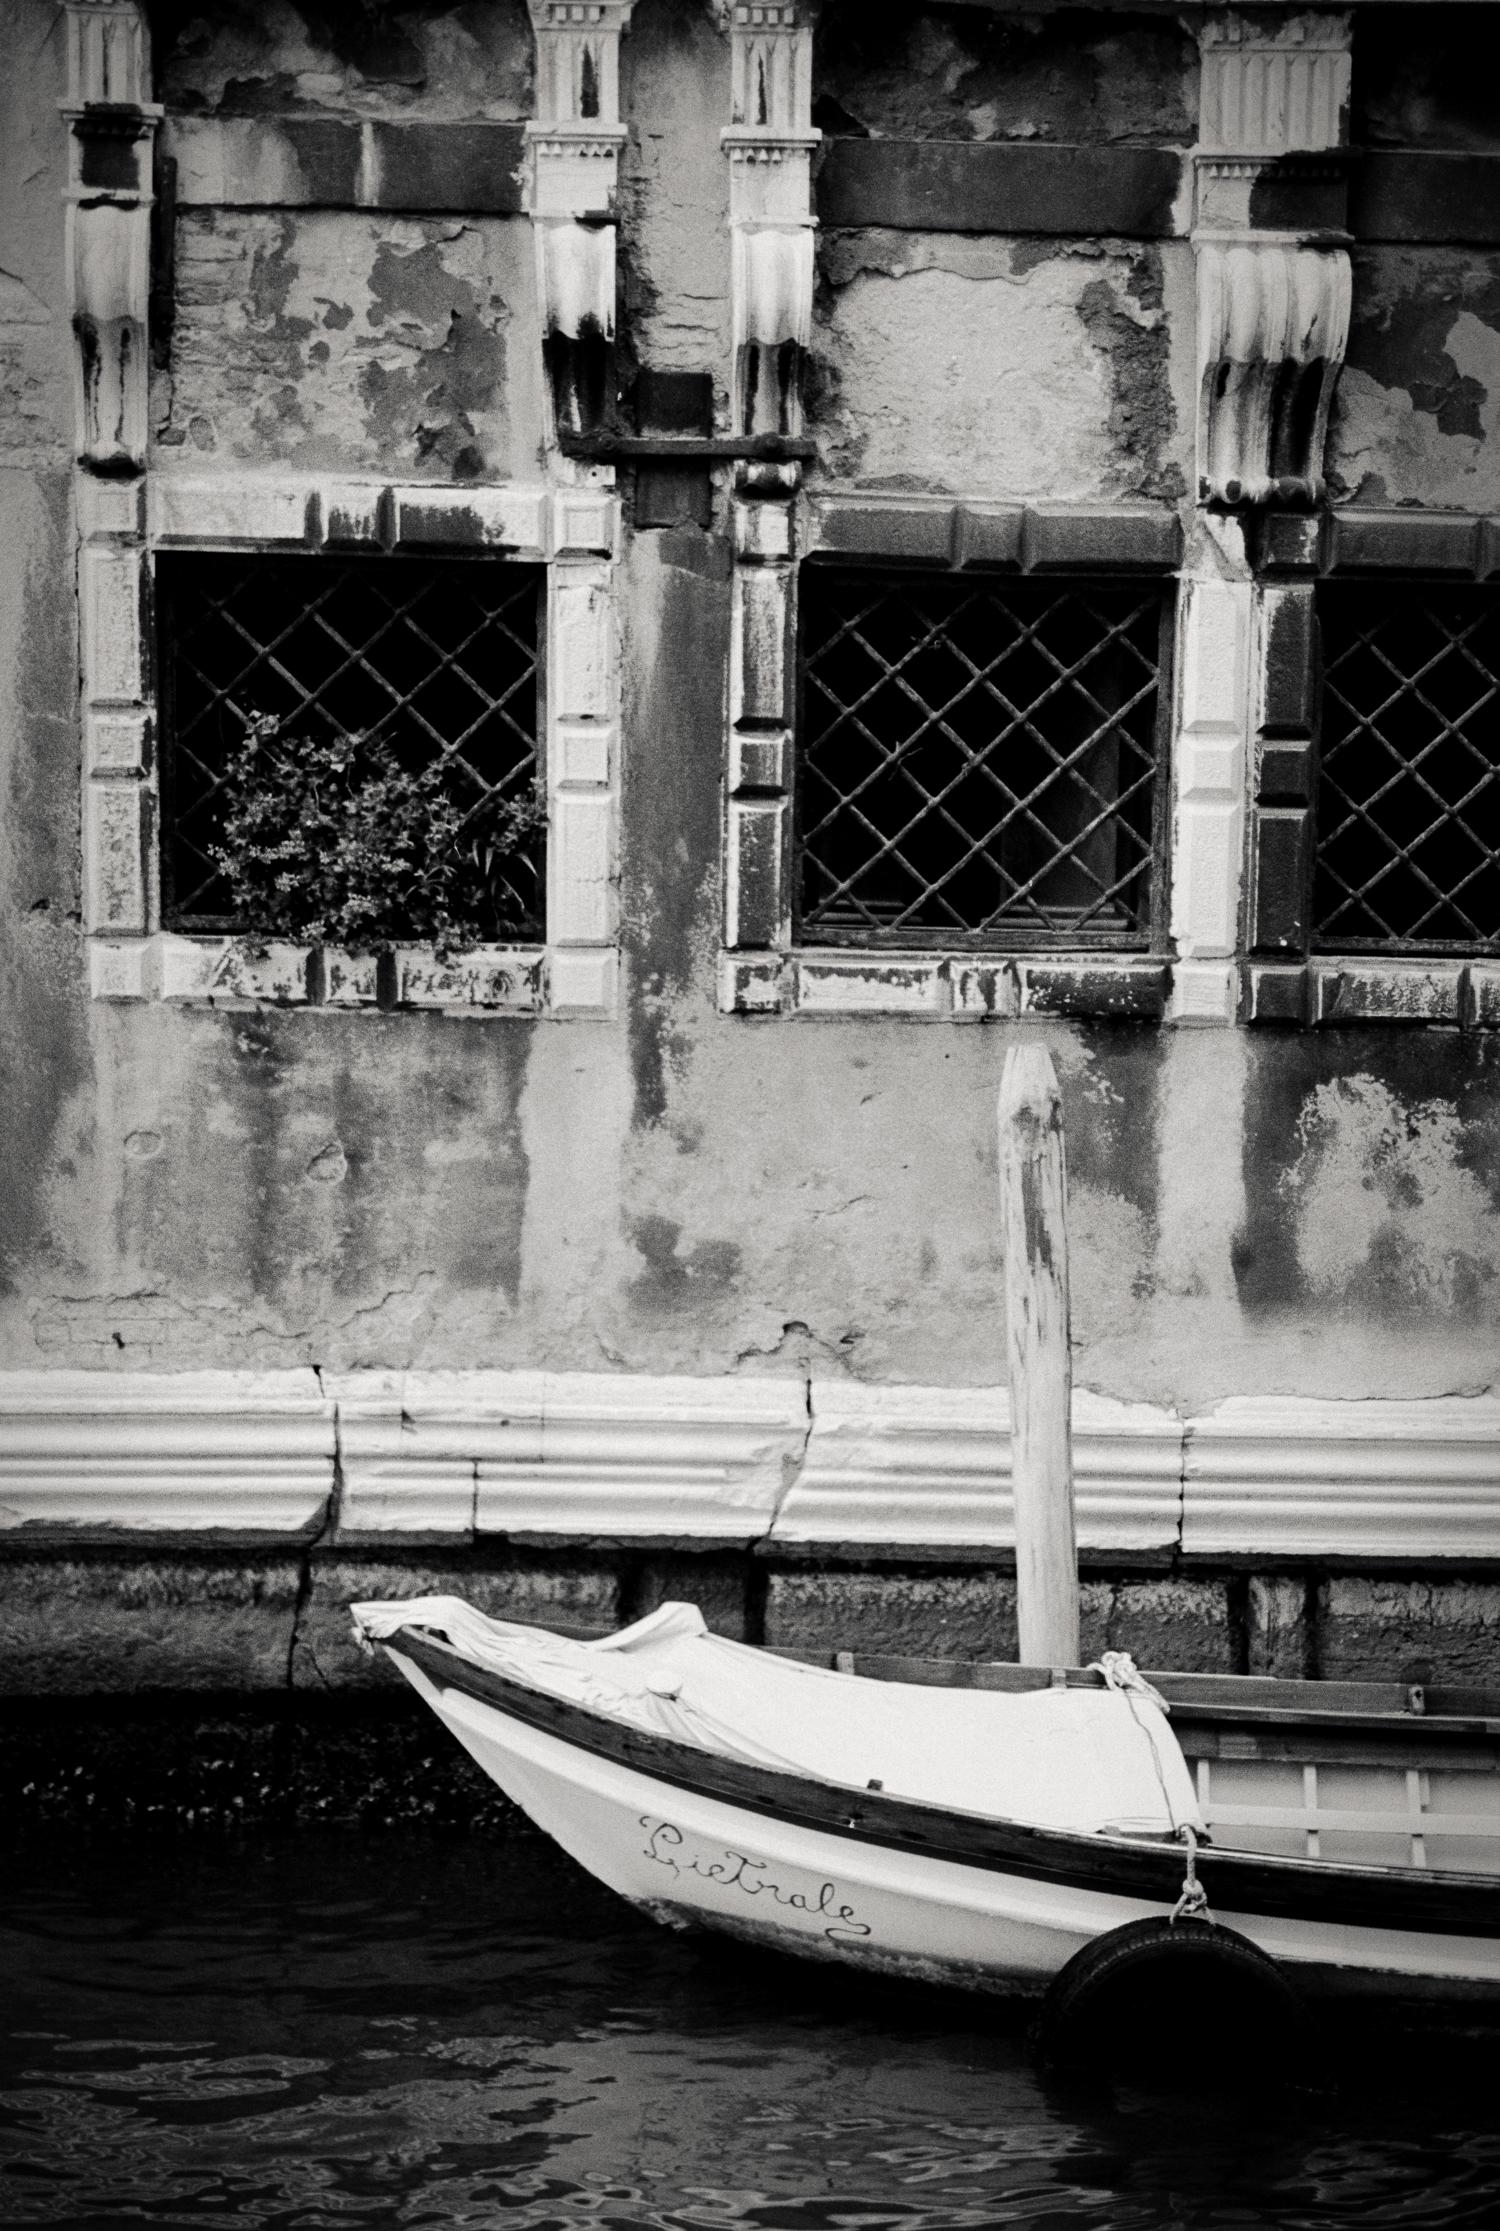 docked boat, Venice, Italy 2001.